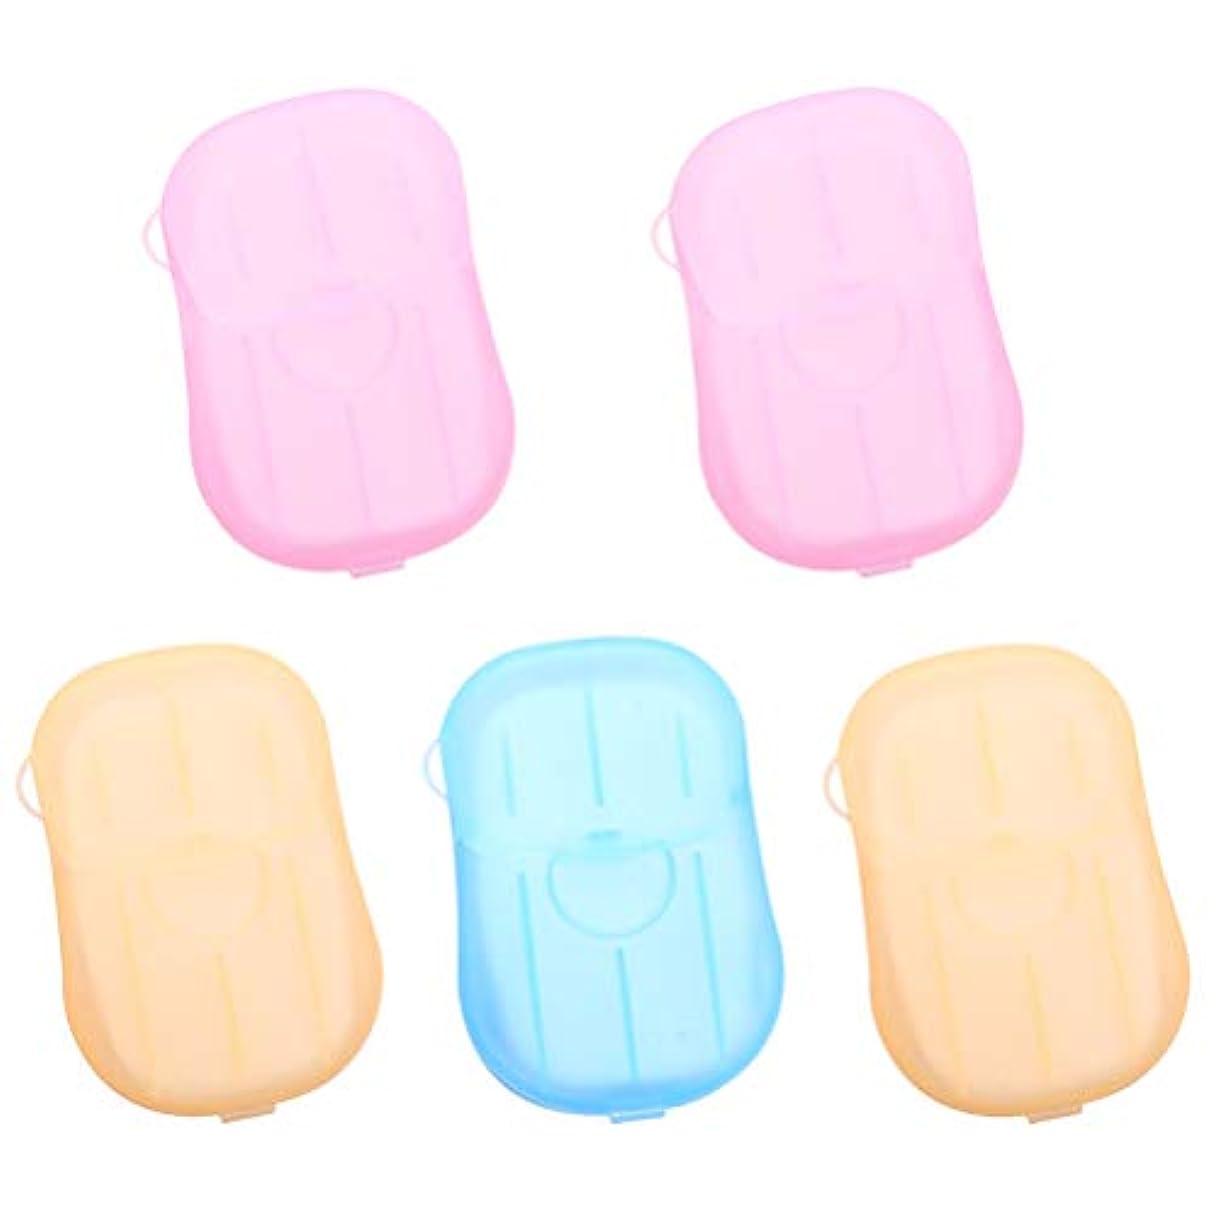 無素晴らしい良い多くの隙間Healifty 5pcs乾燥石鹸は、発泡ボックスの紙の石鹸のフレークを洗うハンドバス石鹸のスライドシート